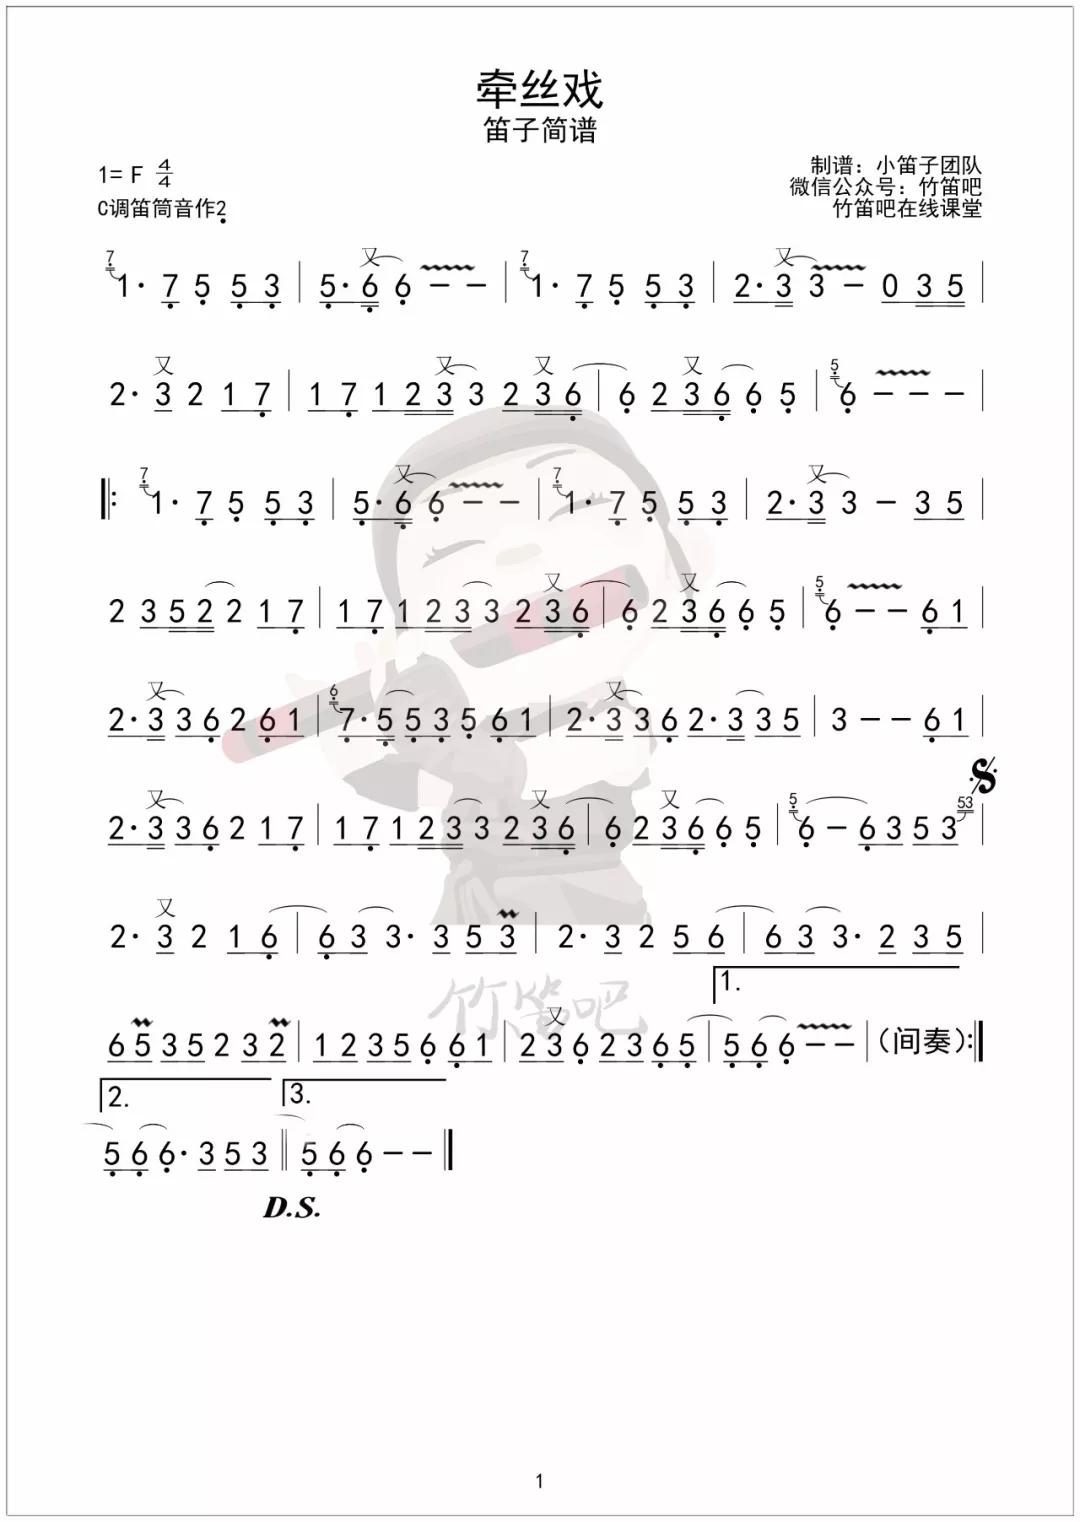 笛子曲 牵丝戏(c调做2)